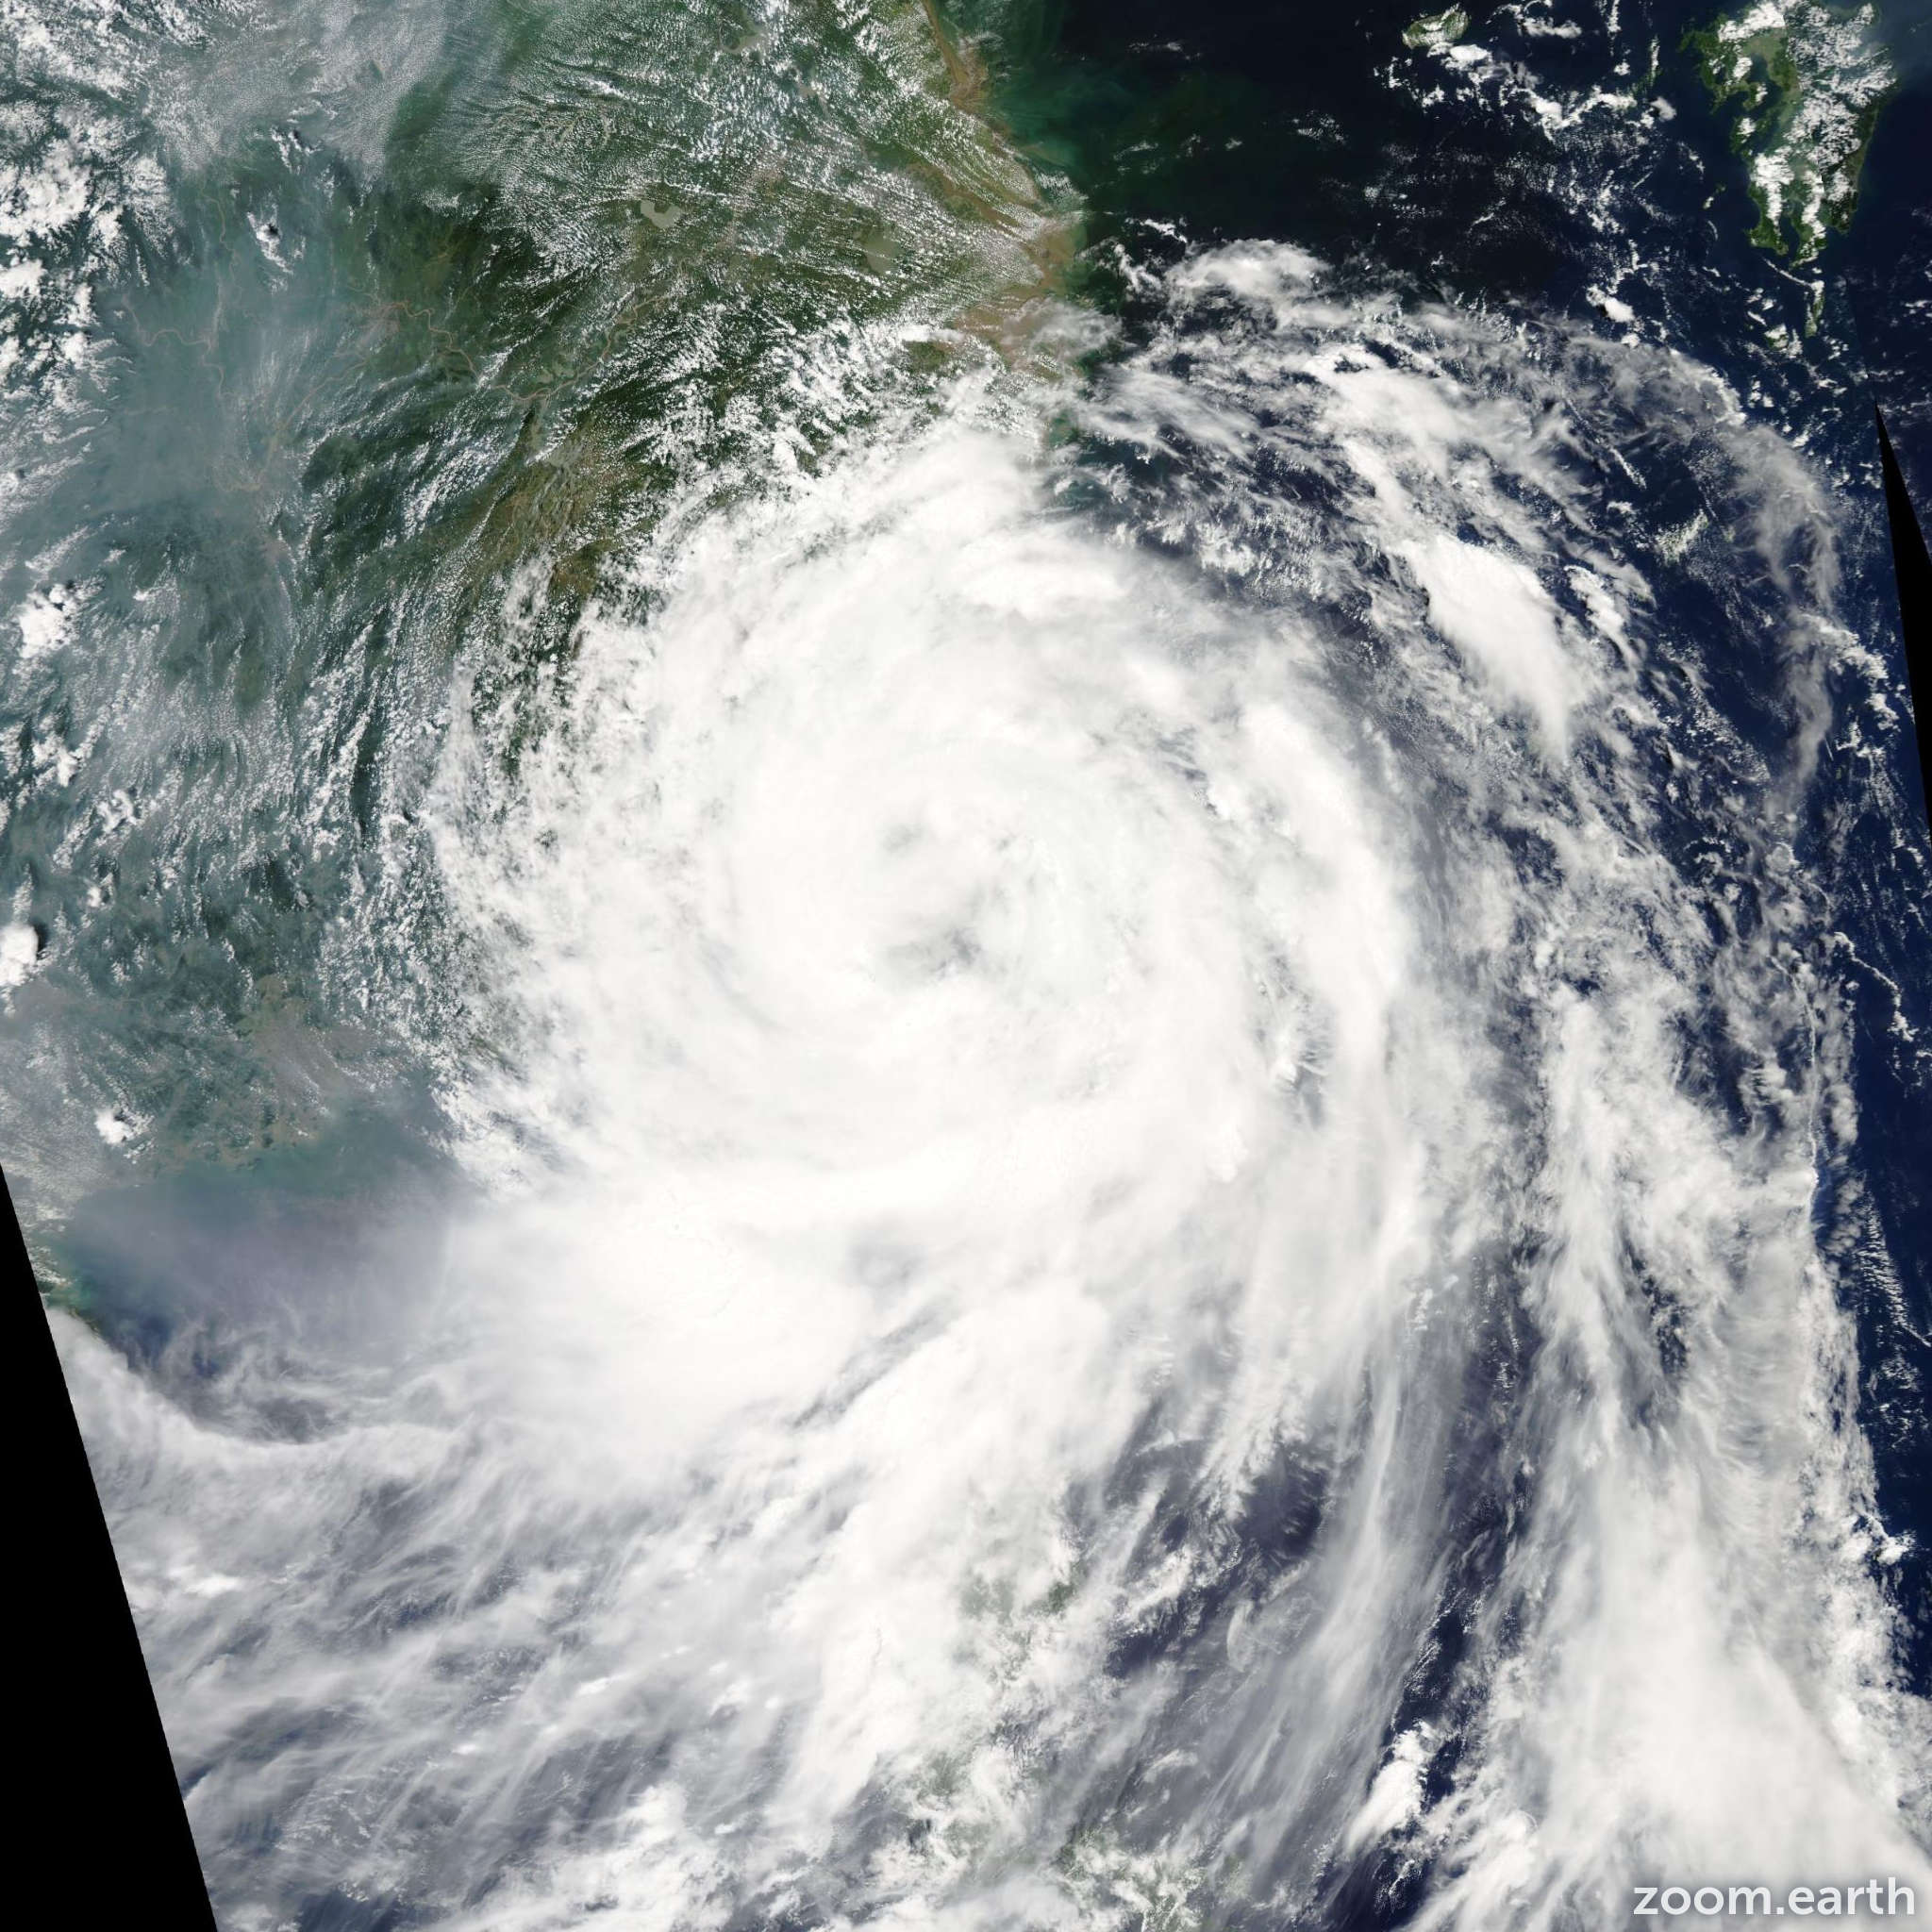 Satellite image of Typhoon Fung-Wong 2008